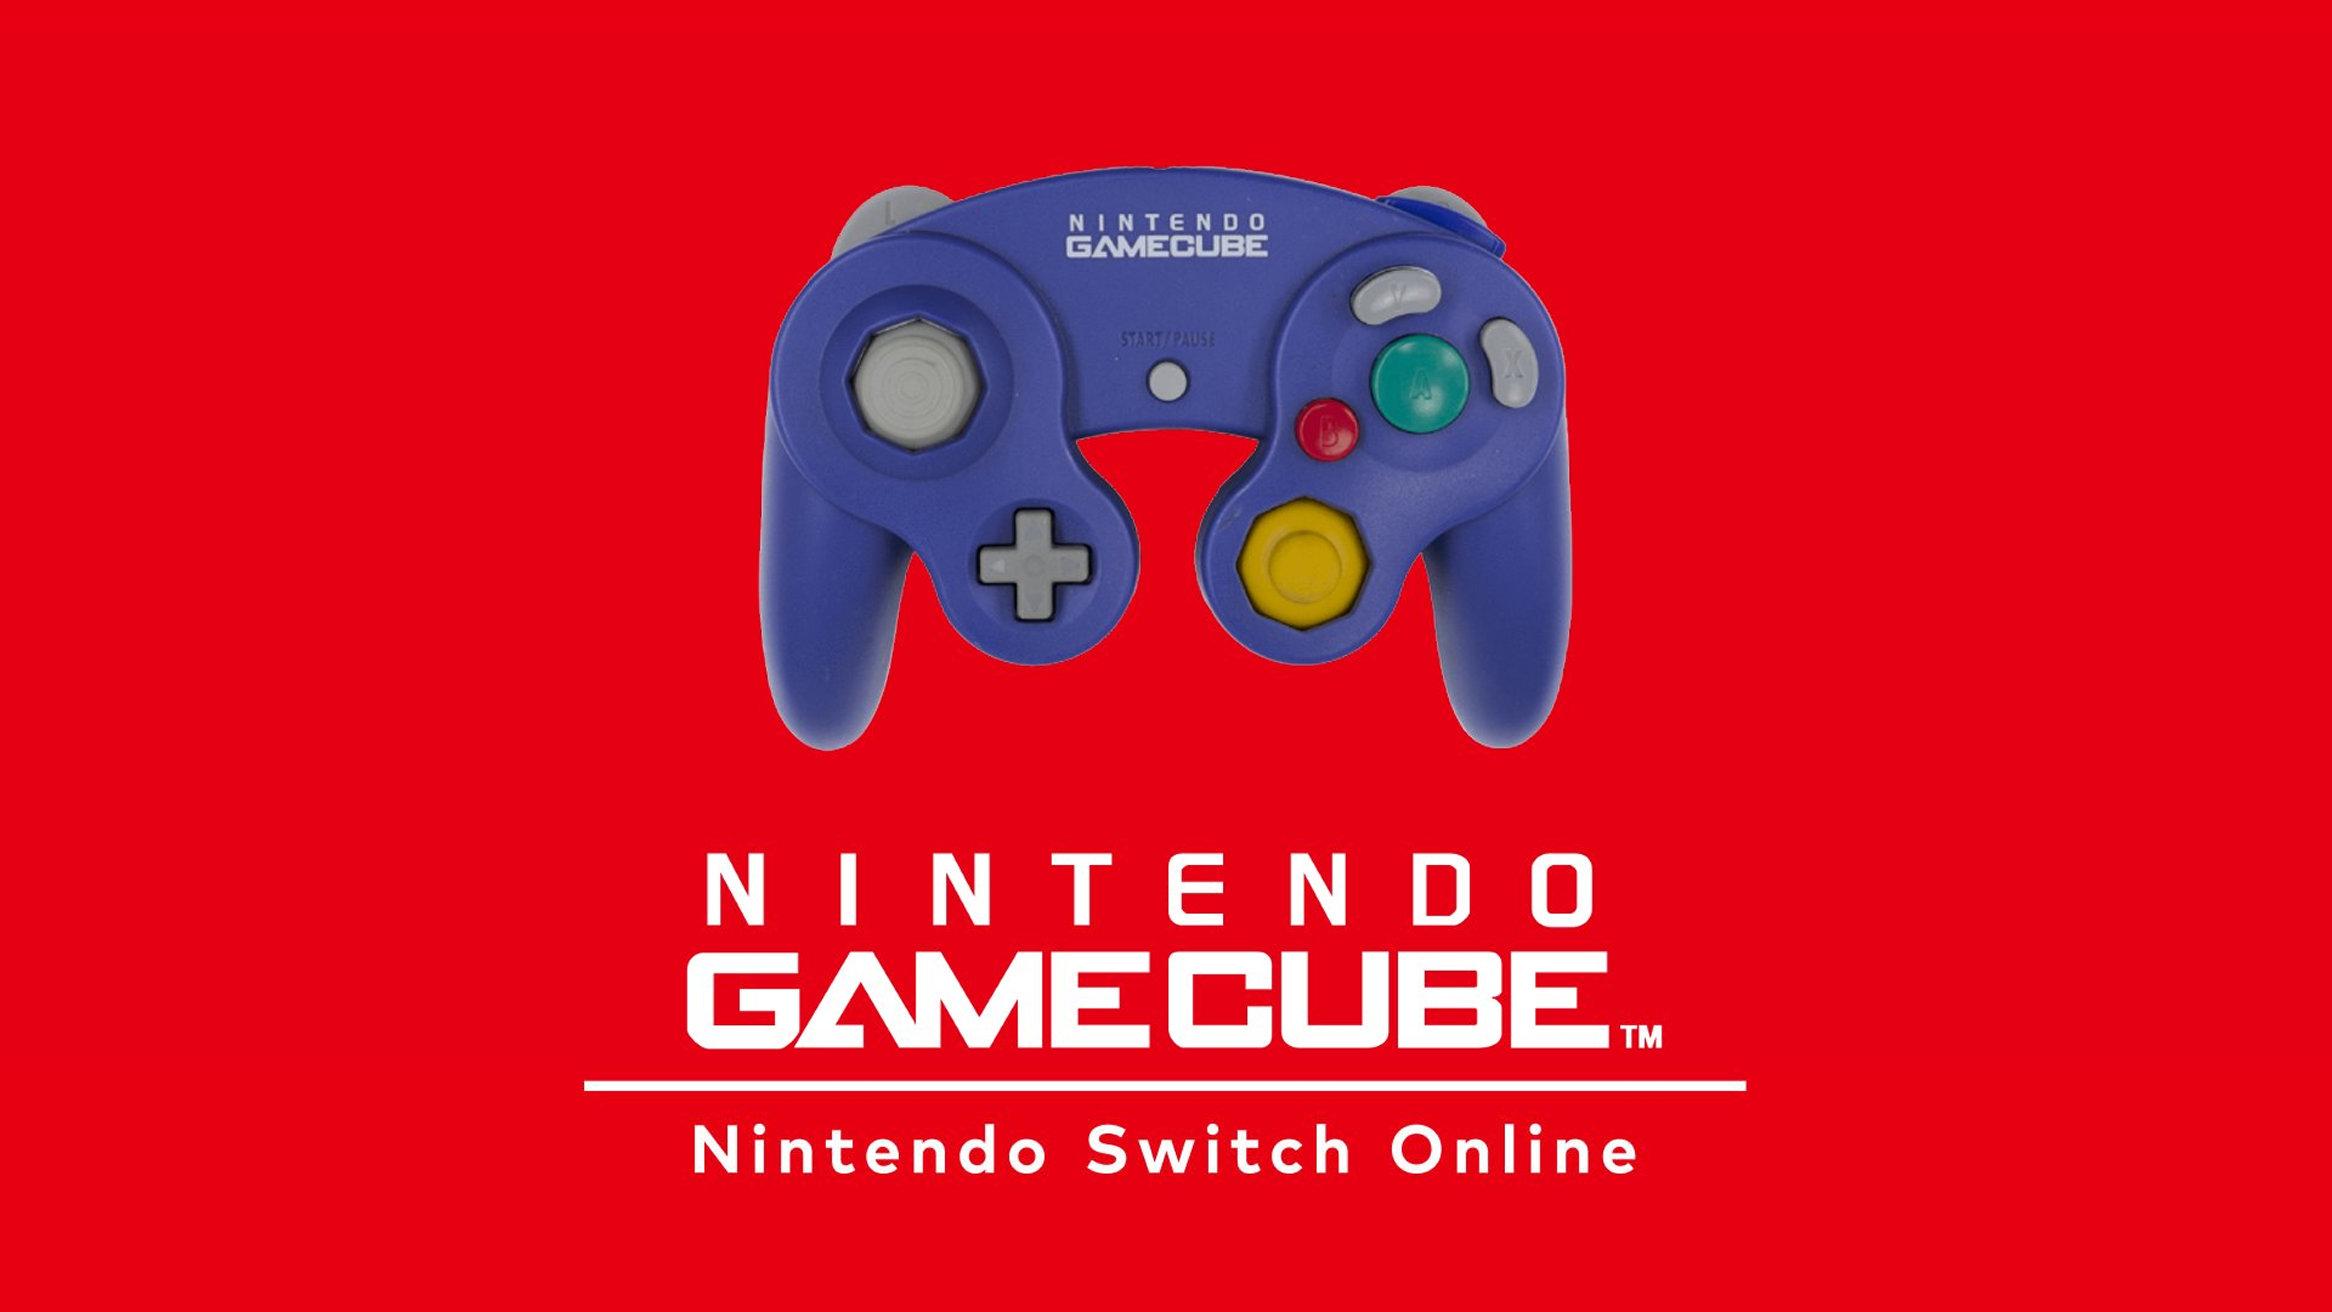 ニンテンドースイッチ オンライン、ゲームキューブは来るのか。枠は2つ埋まる